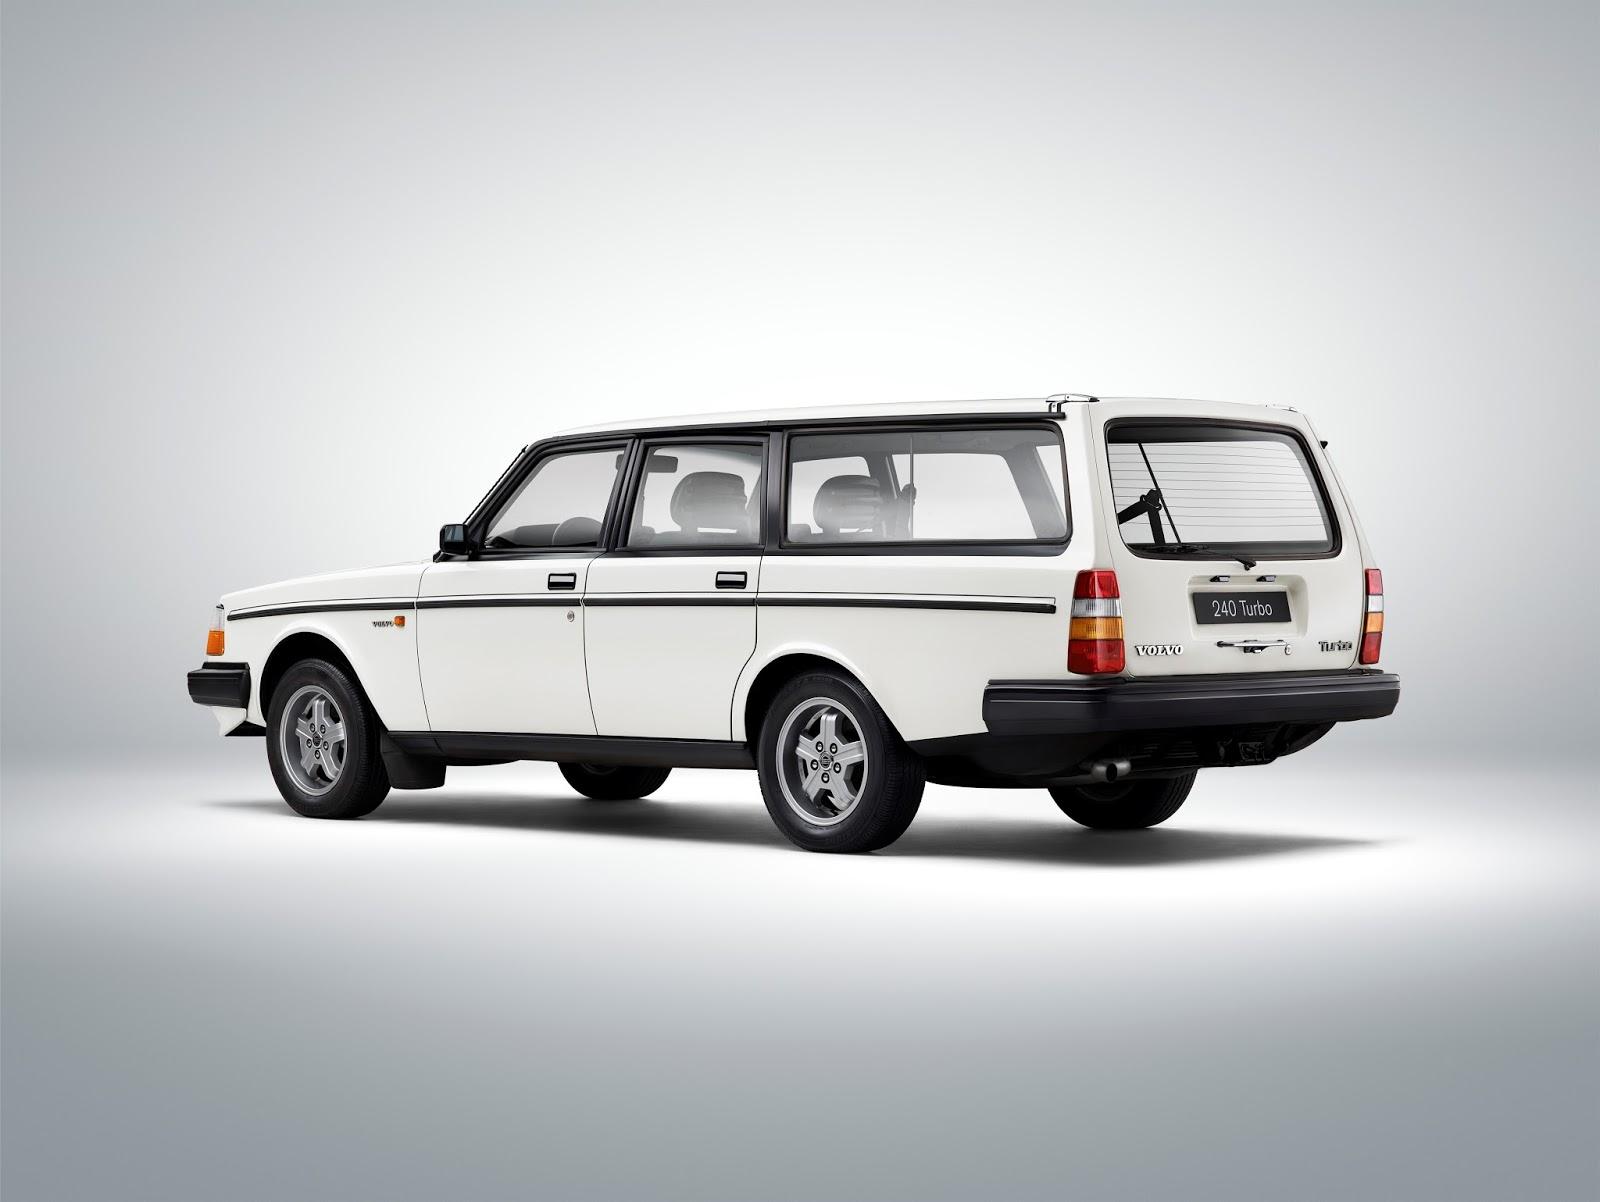 173621 Volvo 245 Turbo Το V90 είναι το πιο όμορφο, το πιο ασφαλές station wagon και το πιο... Volvo Station Wagon, Volvo, Volvo V90